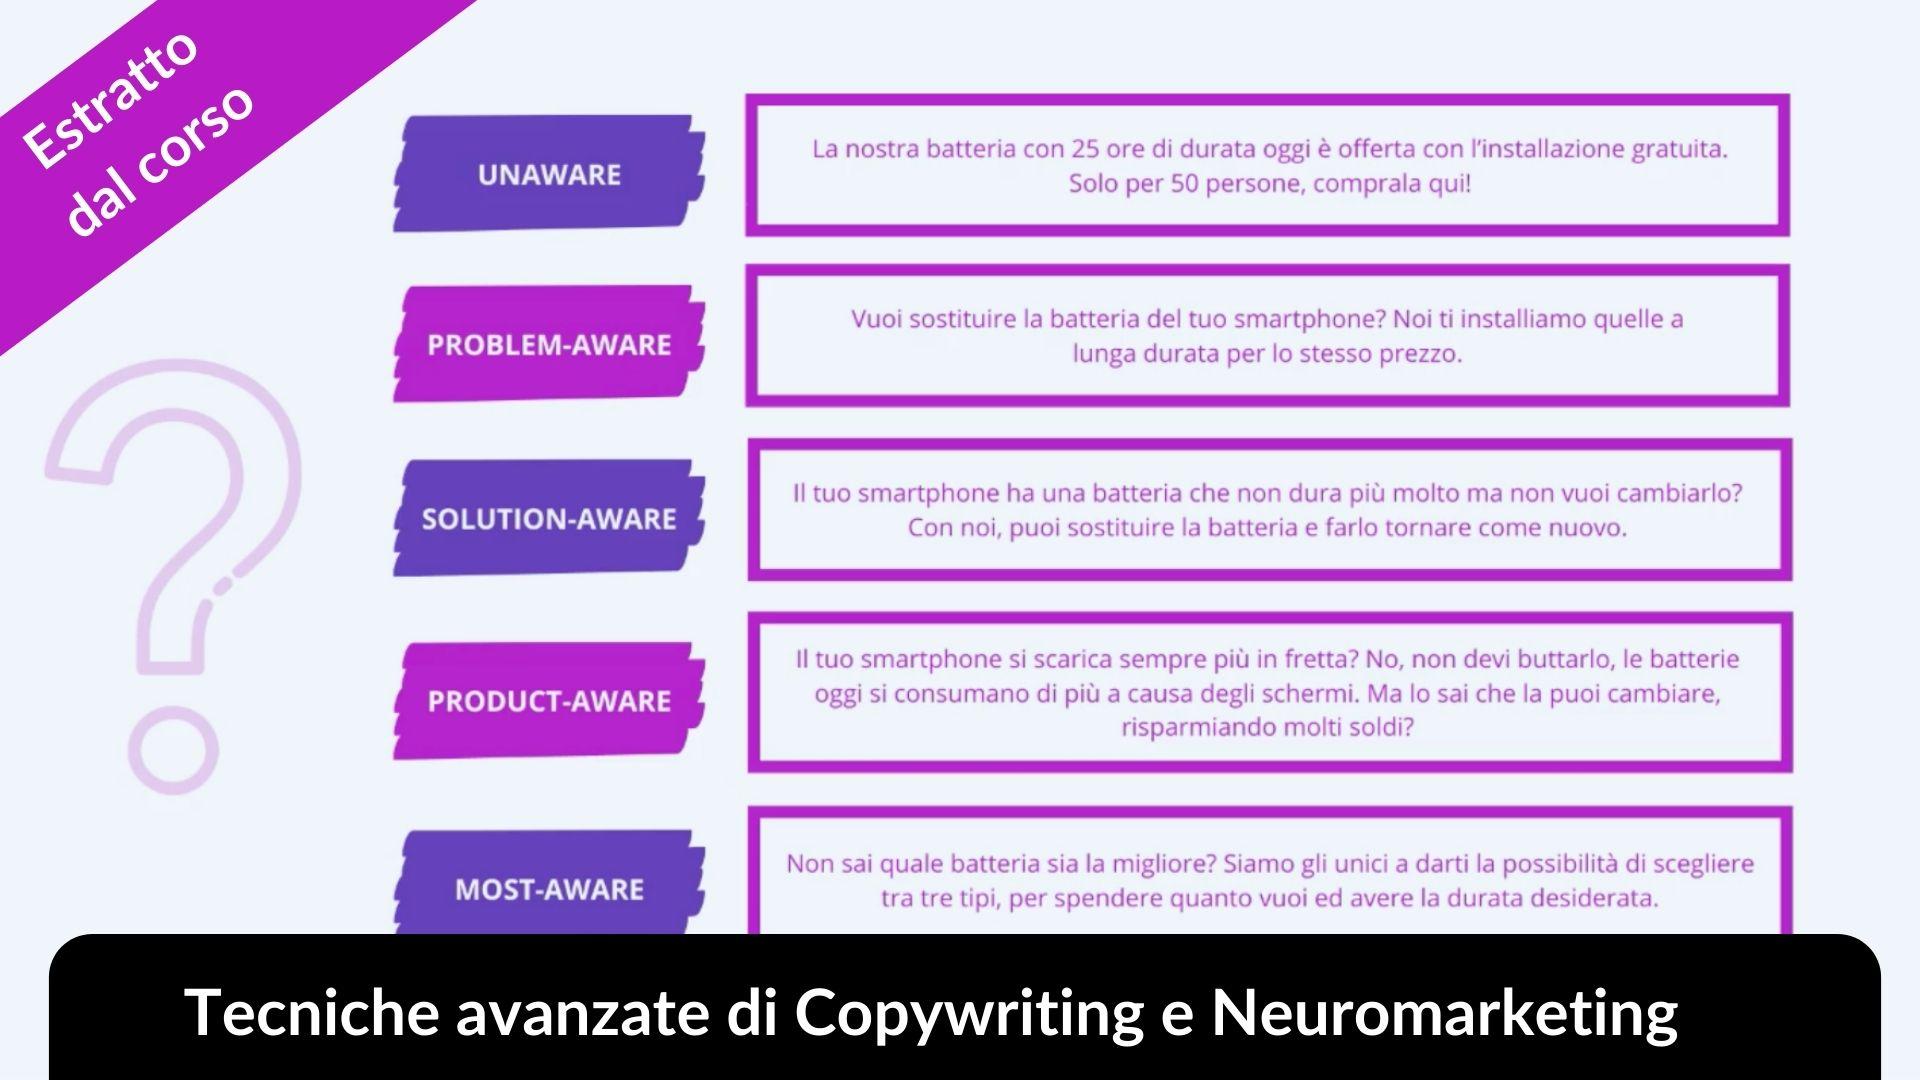 Estratto dal corso online su copywriting persuasivo, impara ad essere persuasivo grazie alla voice of customer.